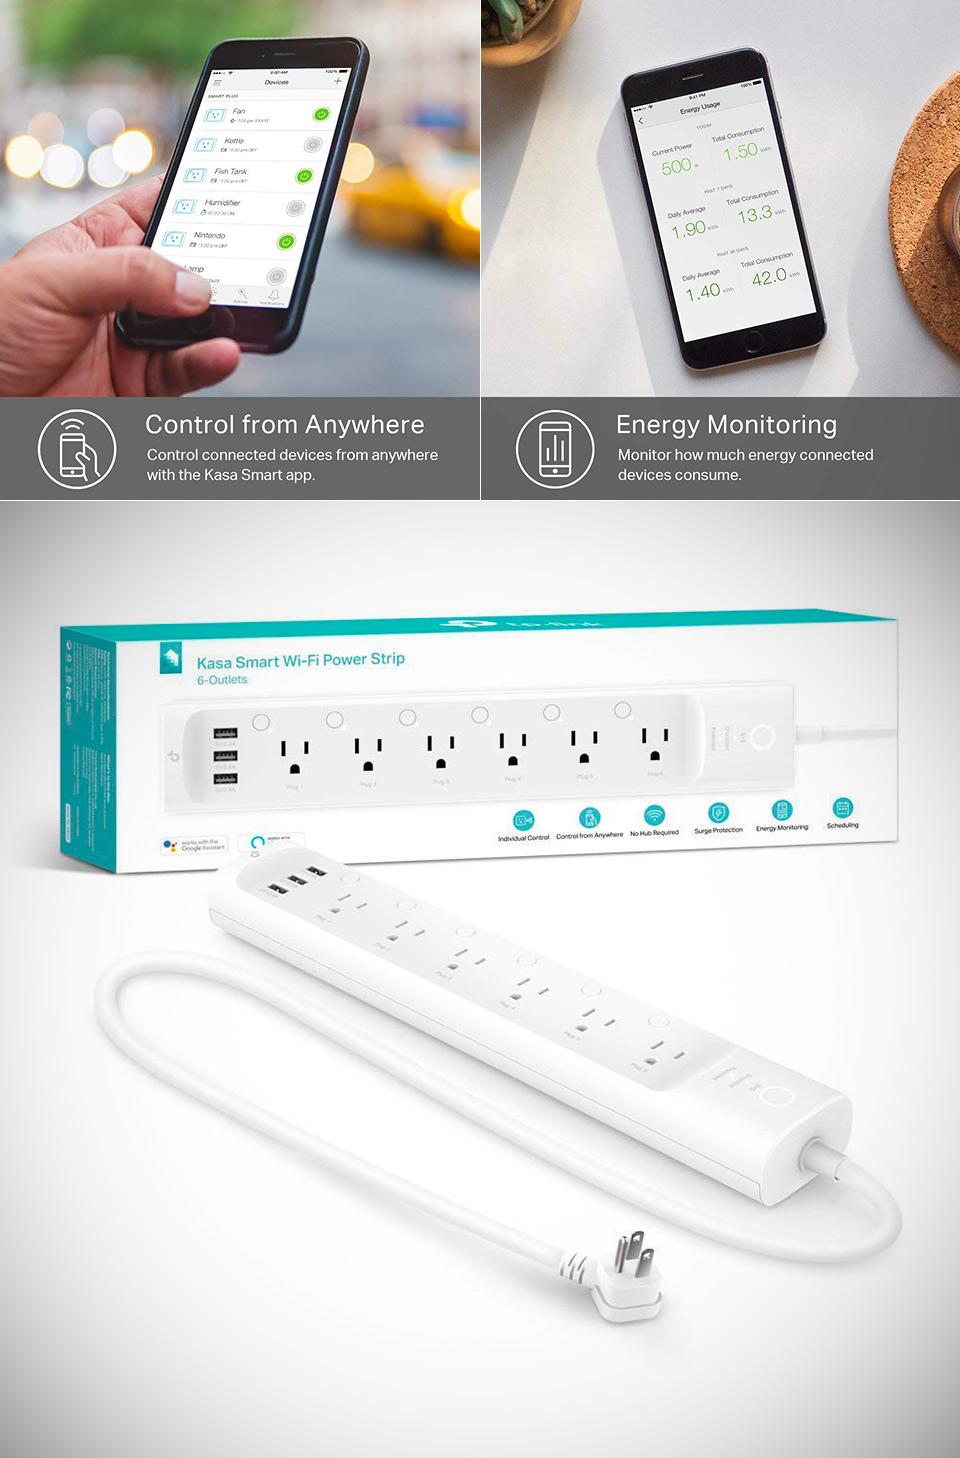 KASA Smart WiFi Power Strip